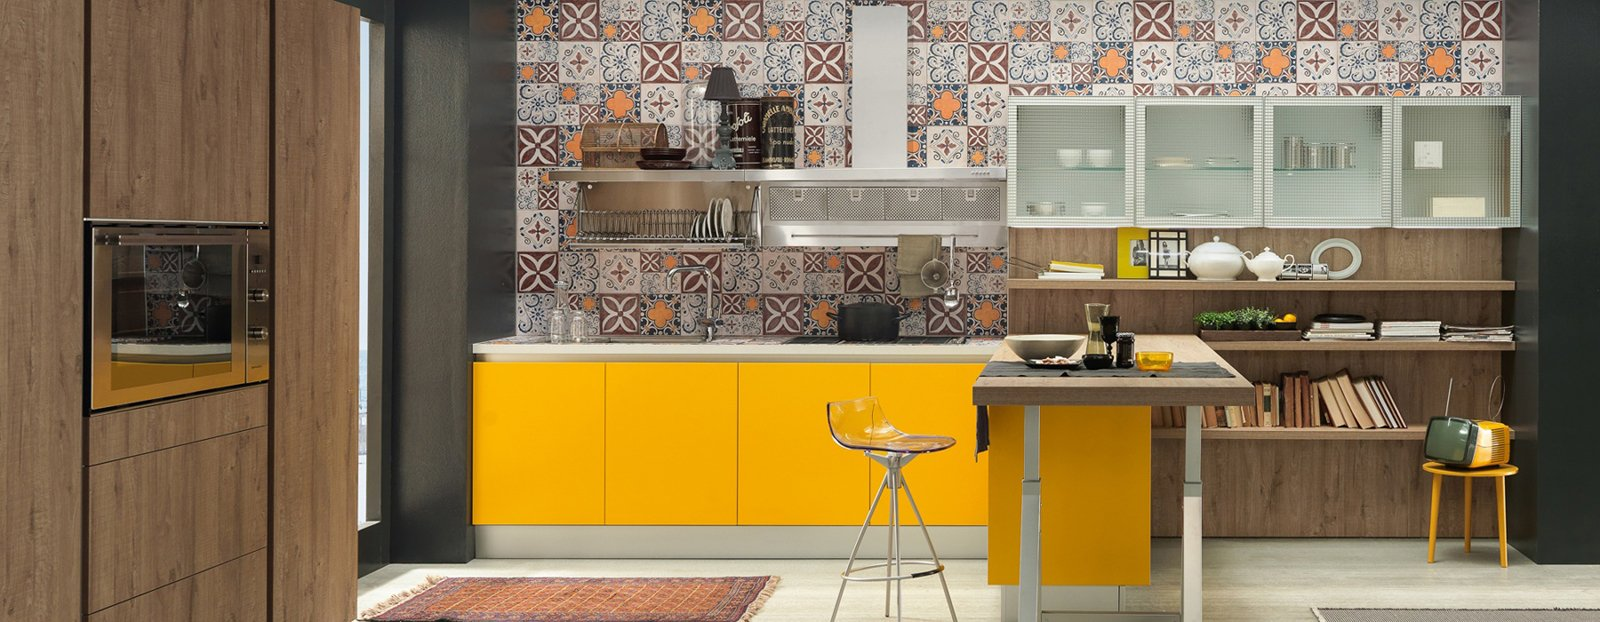 Mattonelle cucina rustica beautiful small size of elegante mattonelle cucina moderna bello casa - Piastrelle cucina rustica ...